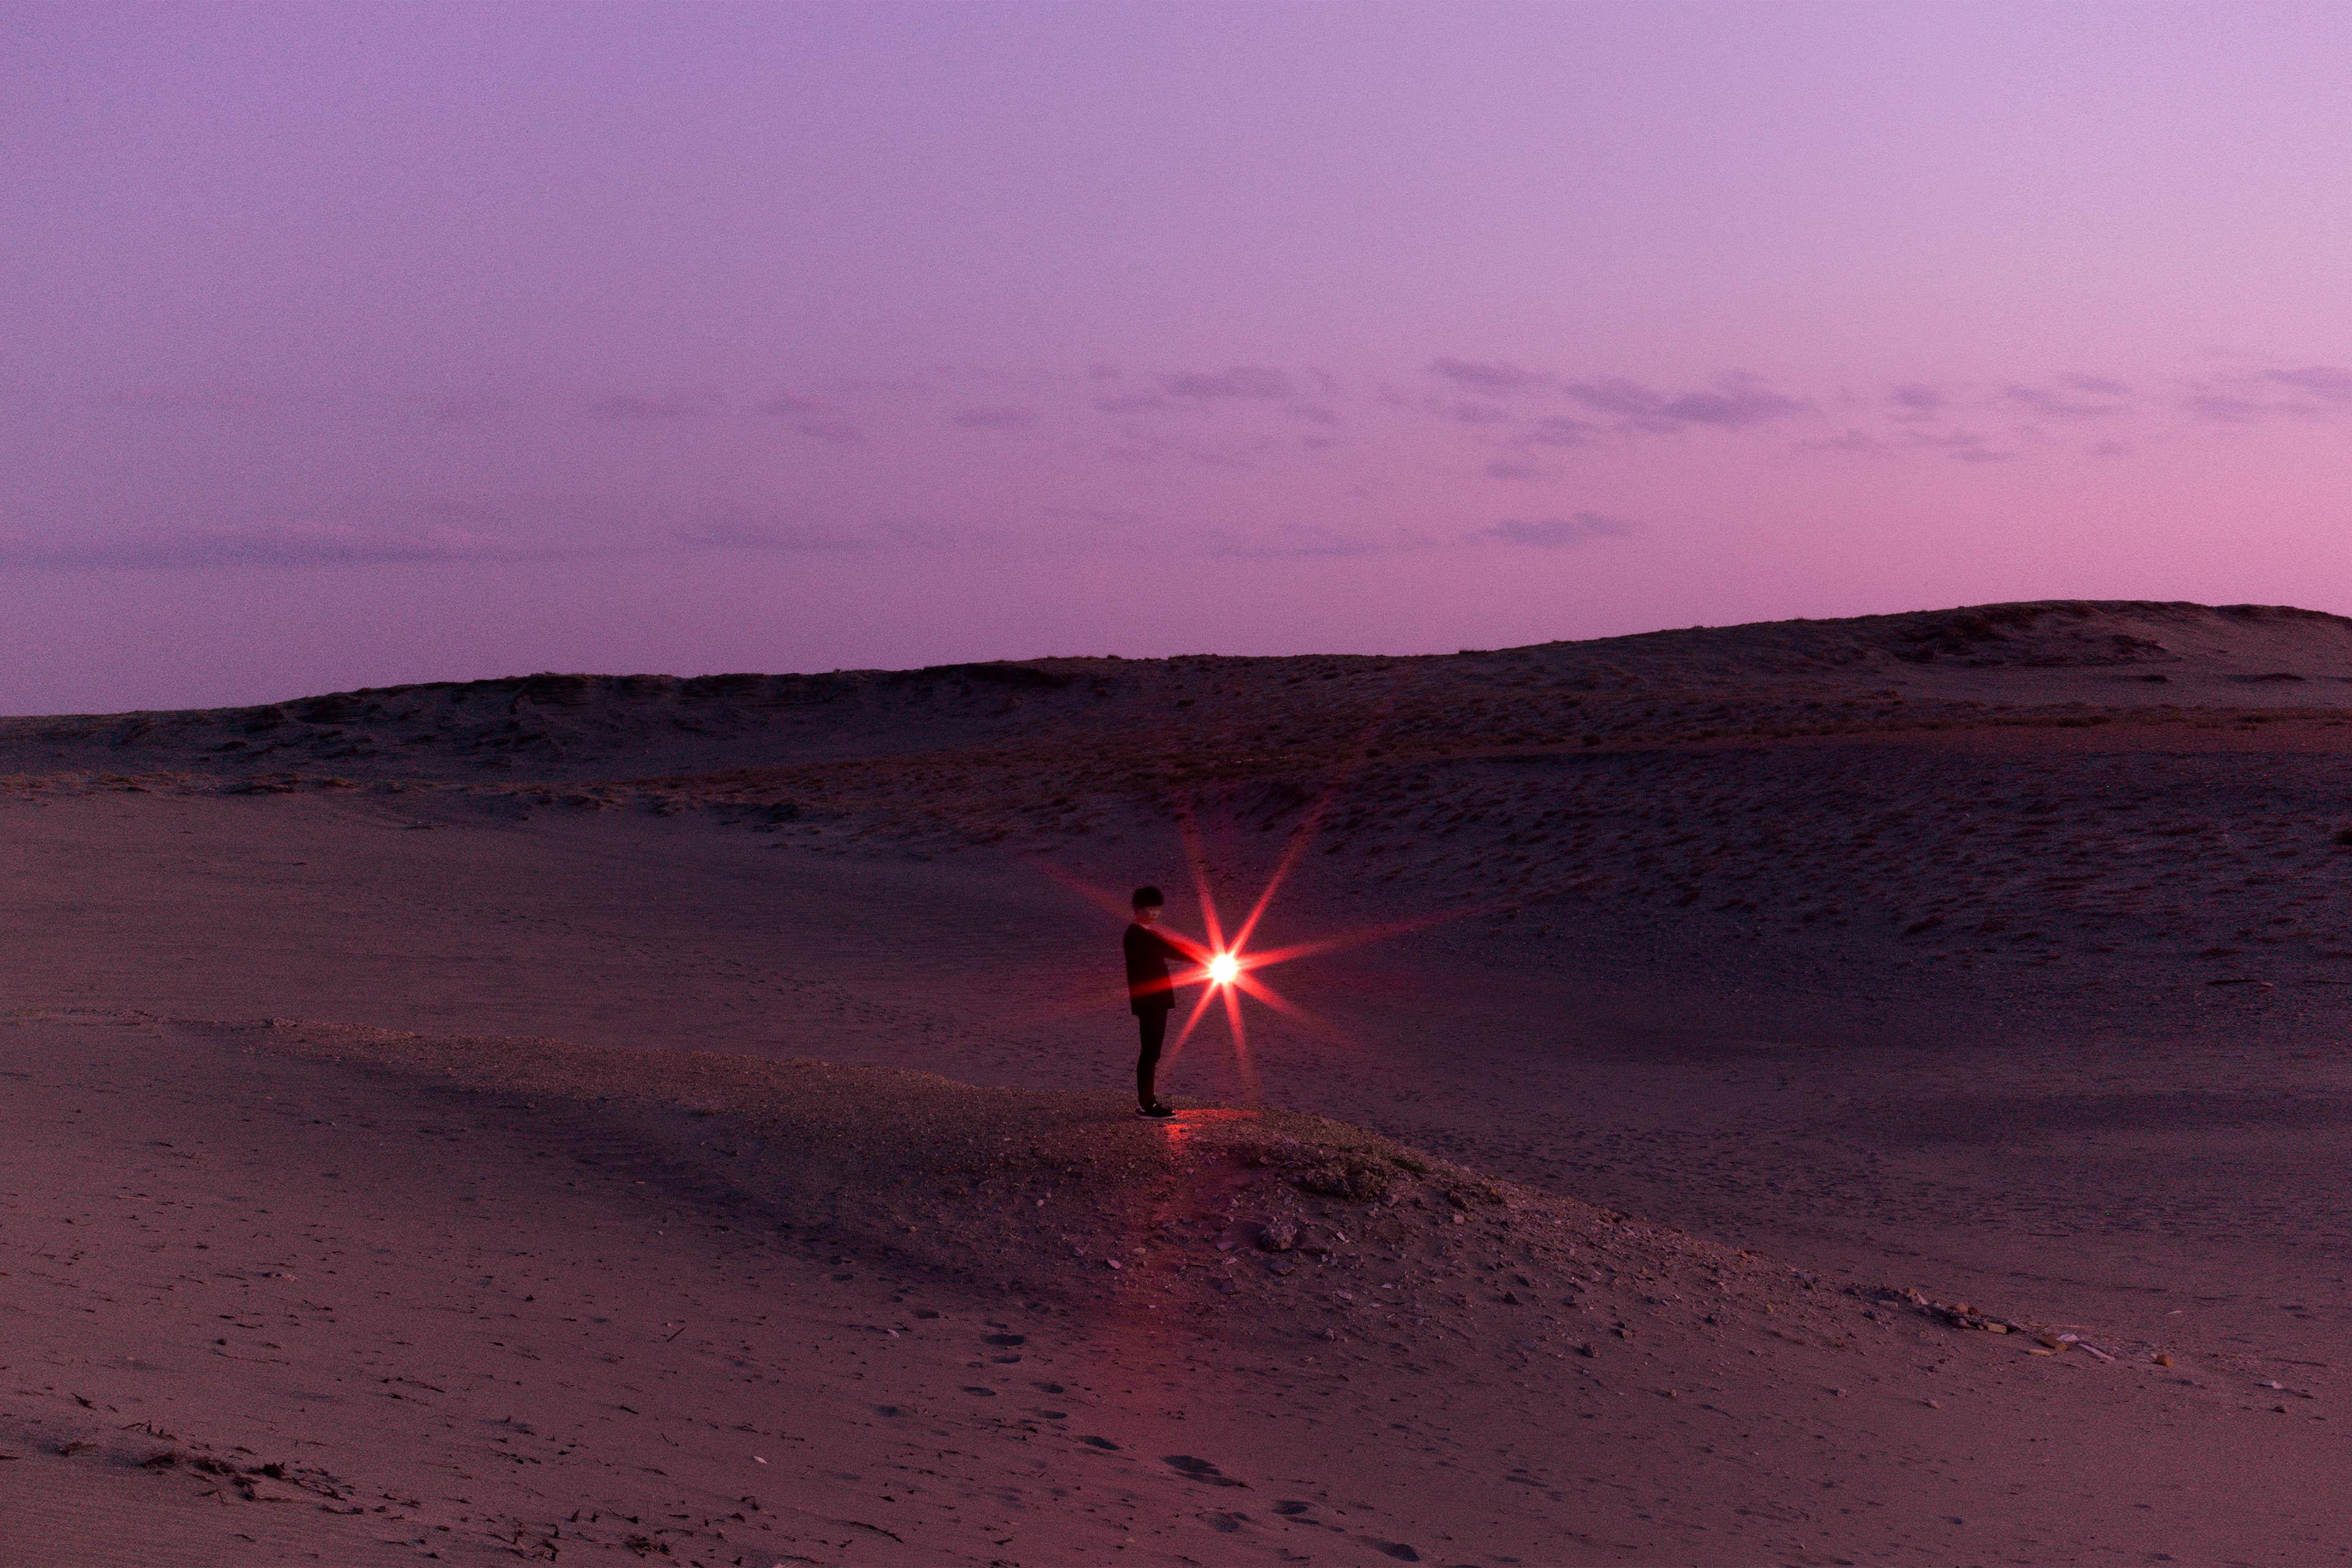 Mensch mit Licht in Wüste